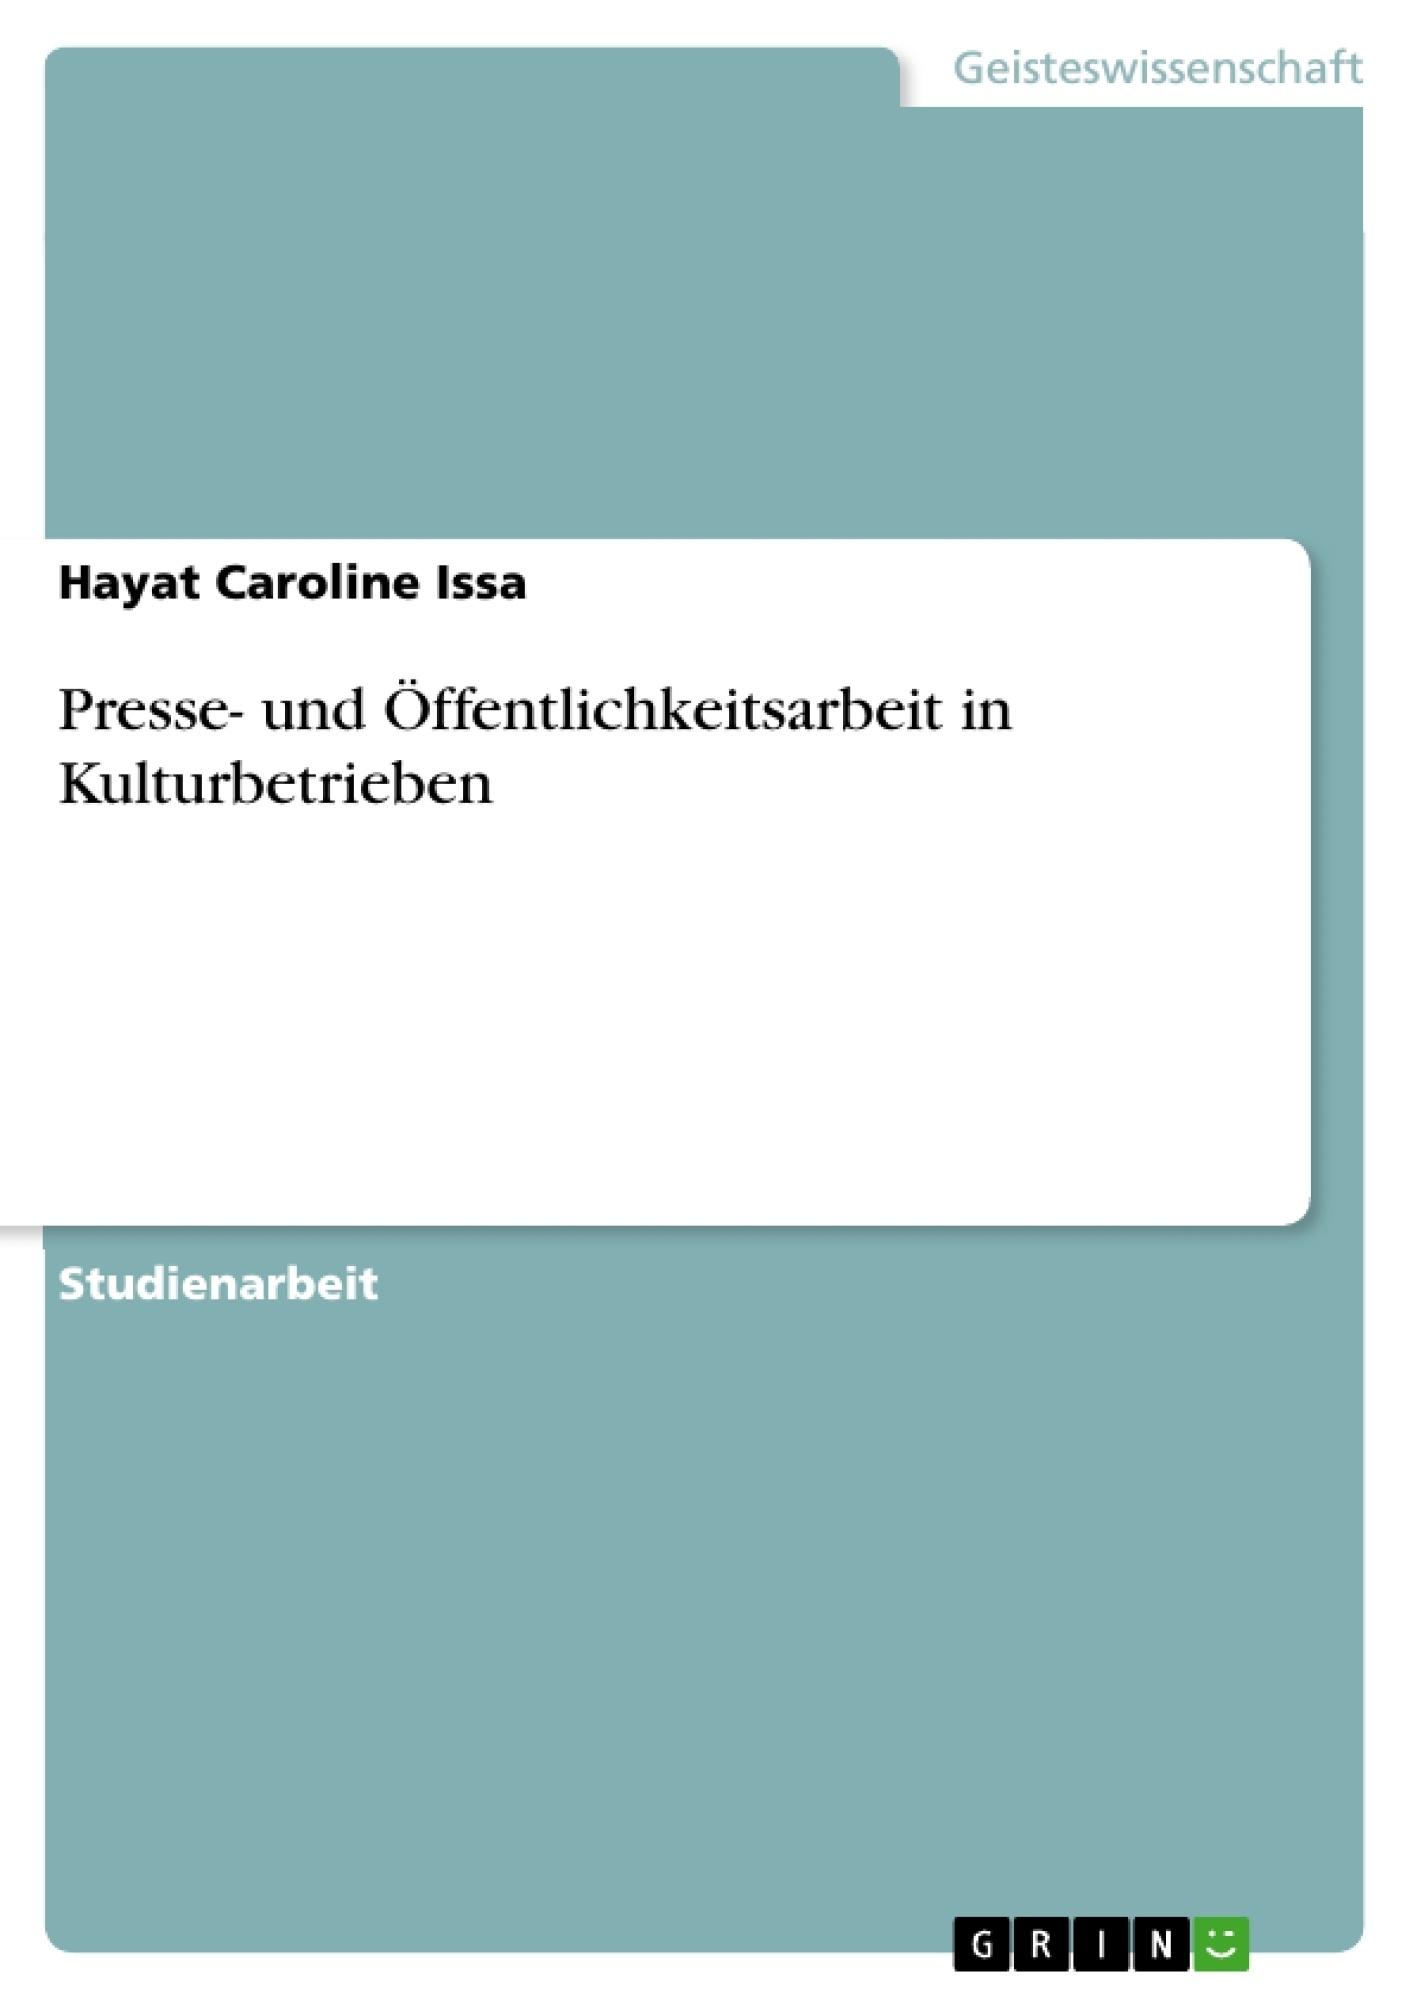 Titel: Presse- und Öffentlichkeitsarbeit in Kulturbetrieben